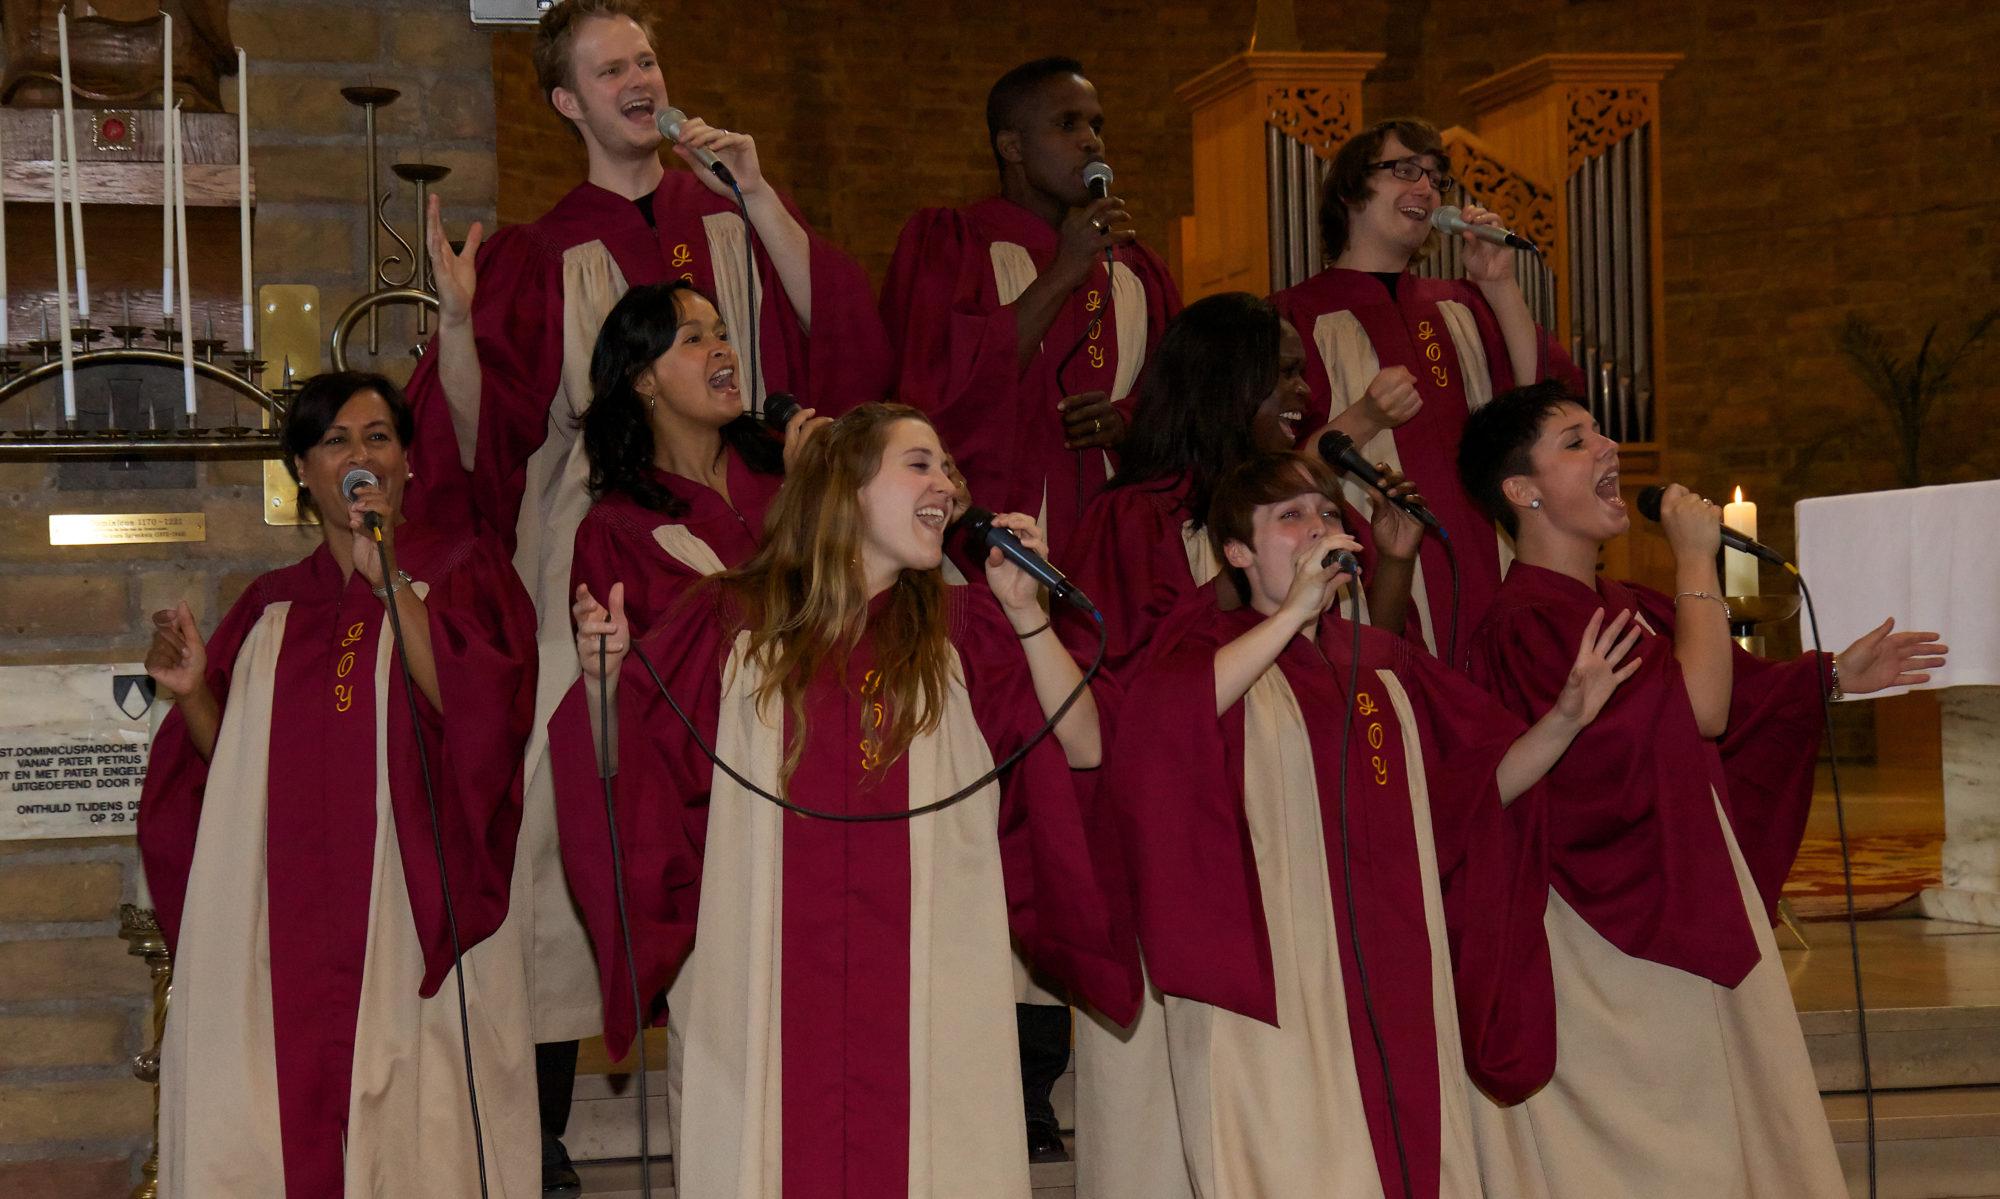 Gospelformatie JOY! | joygospel.nl